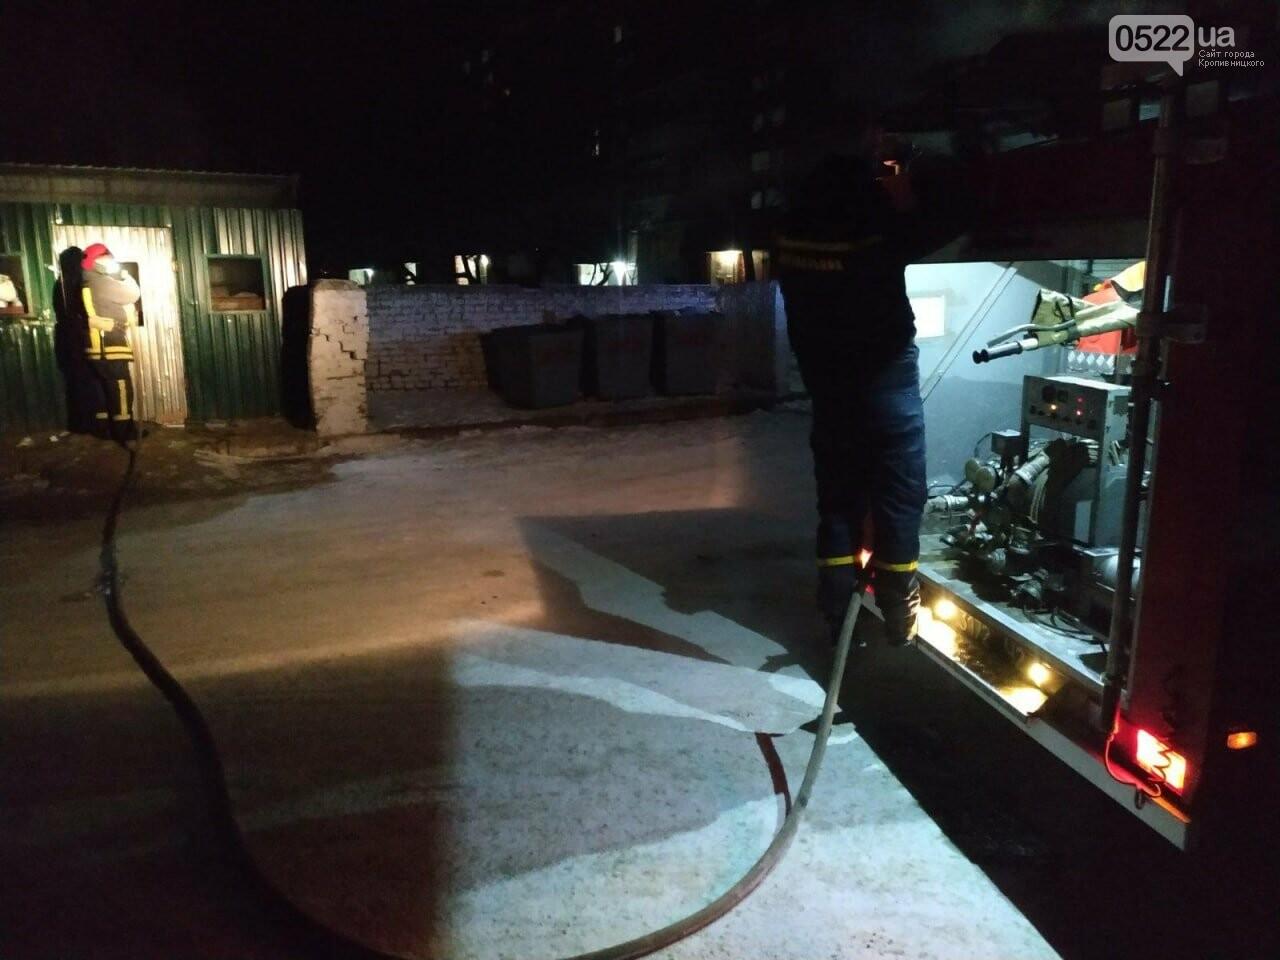 Пожежа на Кіровоградщині: громадянин отримав опіками ніг середньої тяжкості , фото-1